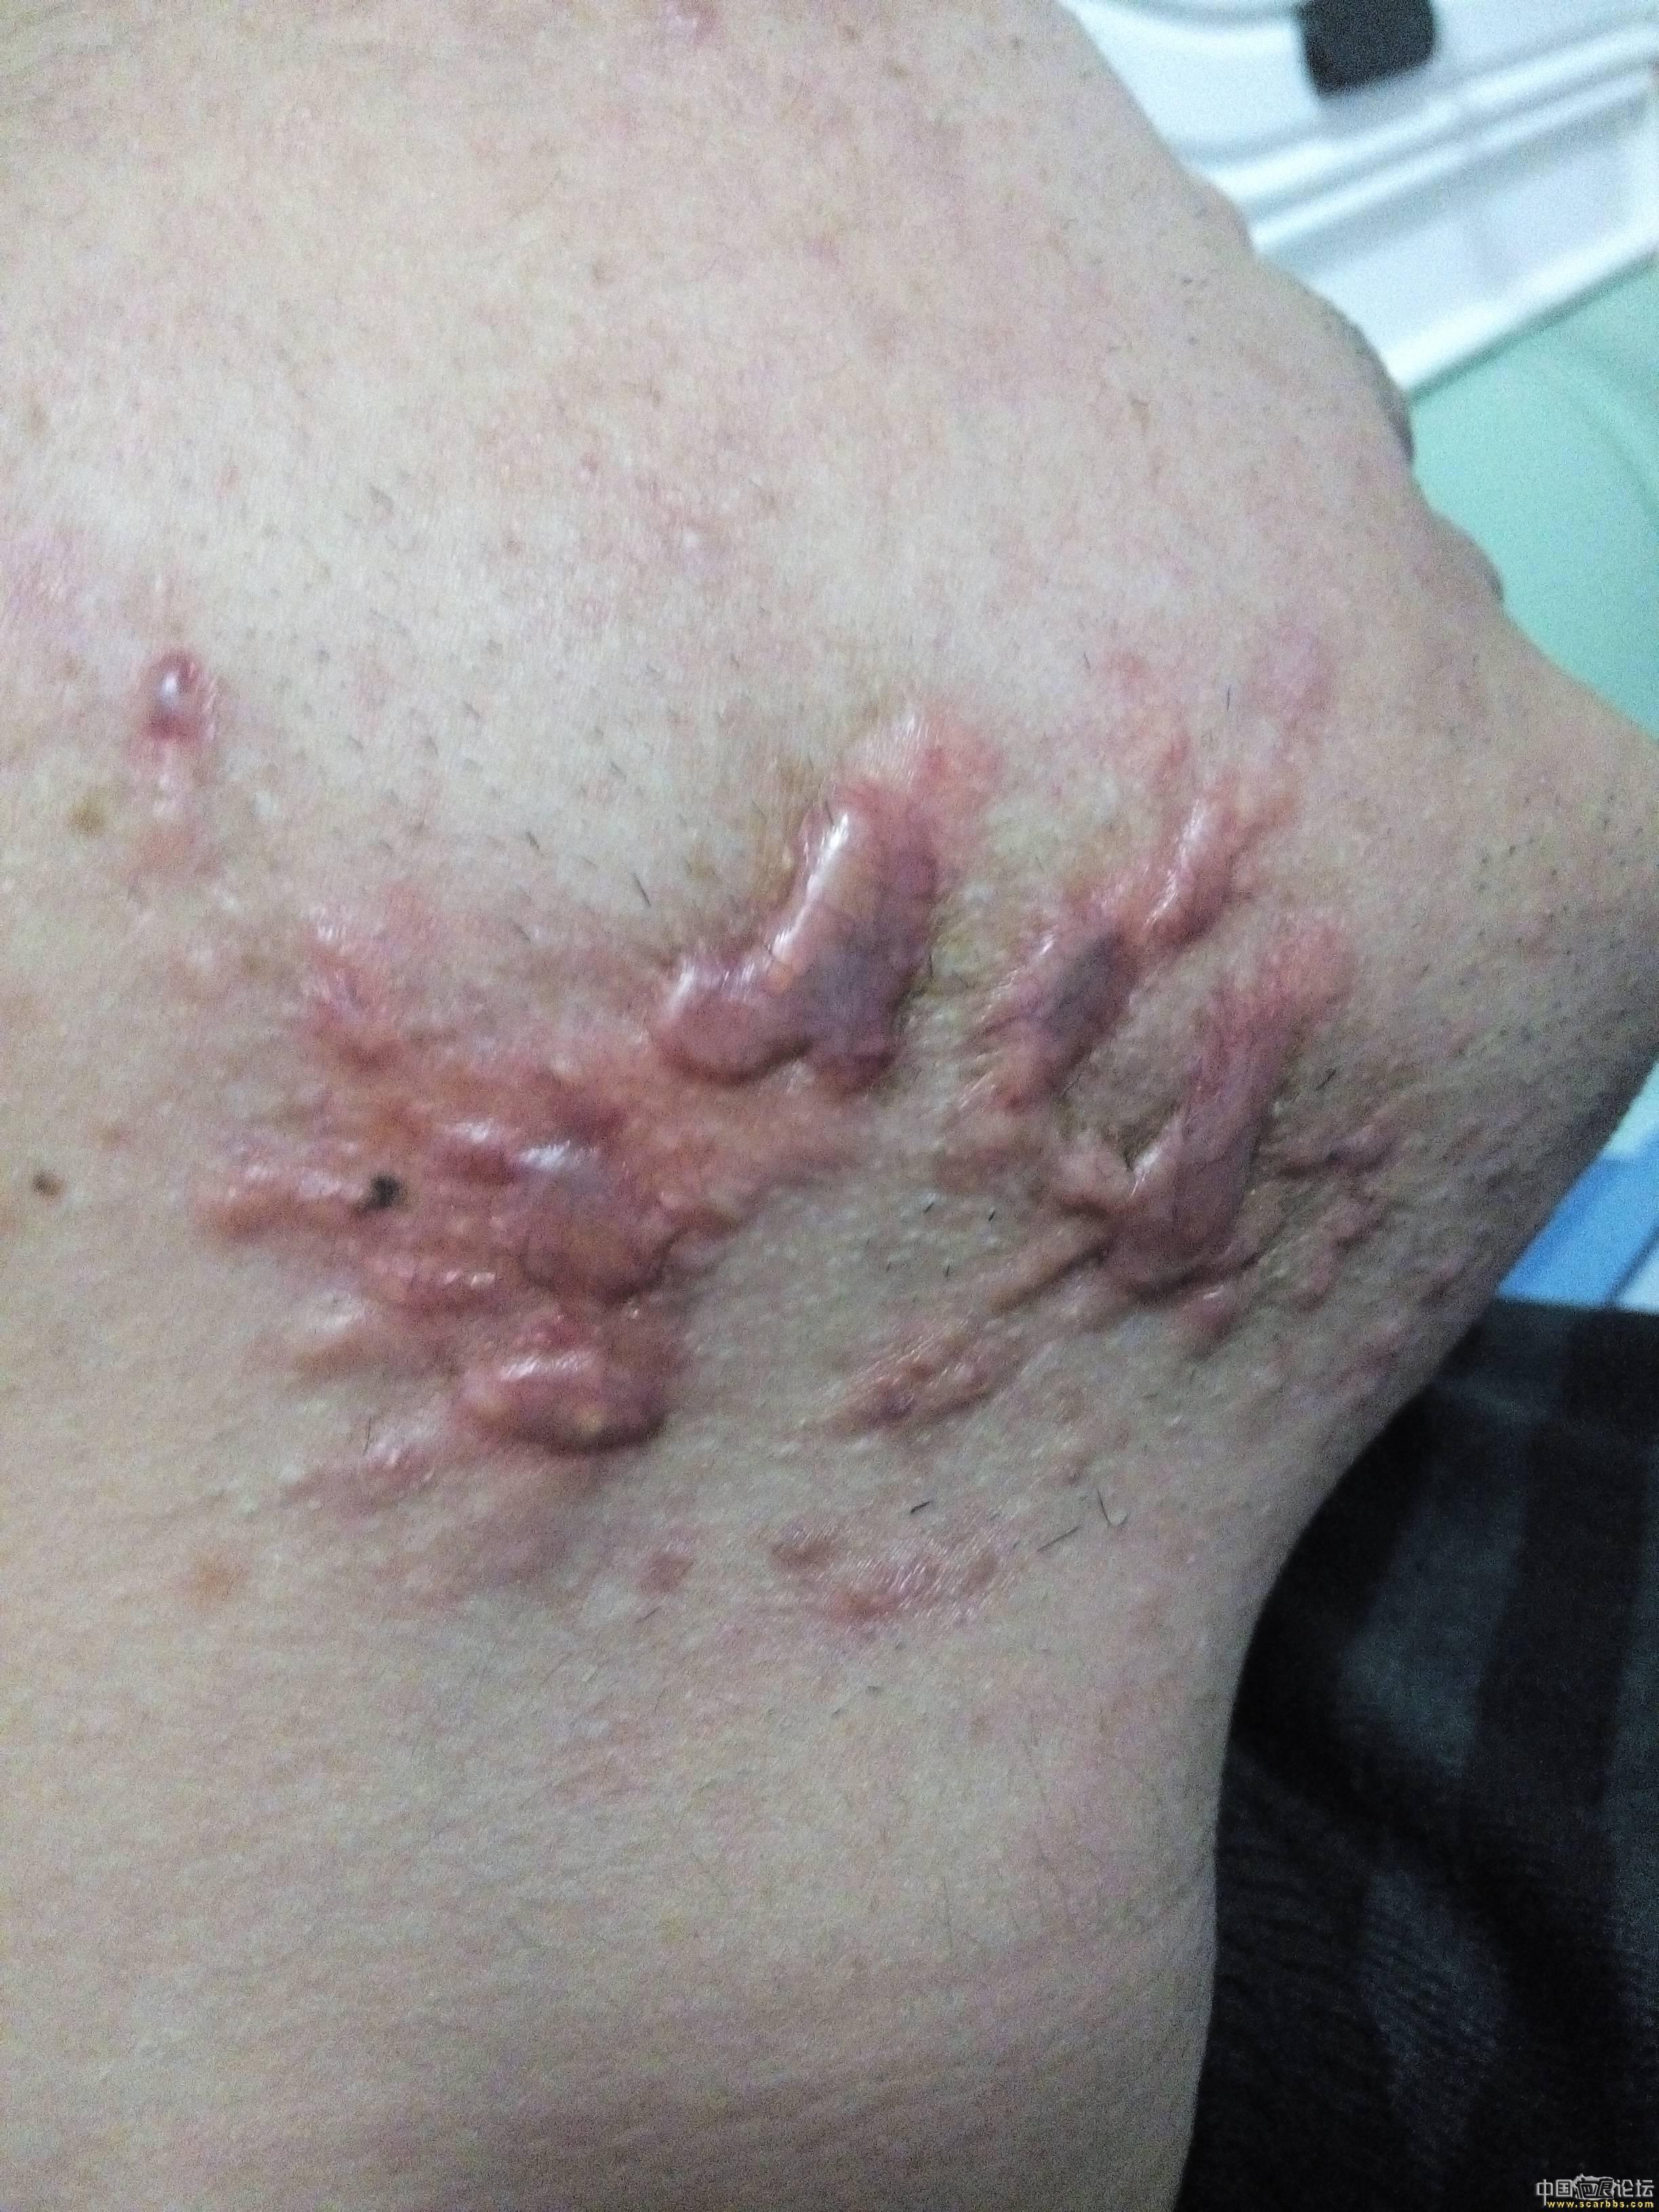 陪伴4年的腮部疤痕疙瘩治疗效果分享53-疤痕体质图片_疤痕疙瘩图片-中国疤痕论坛